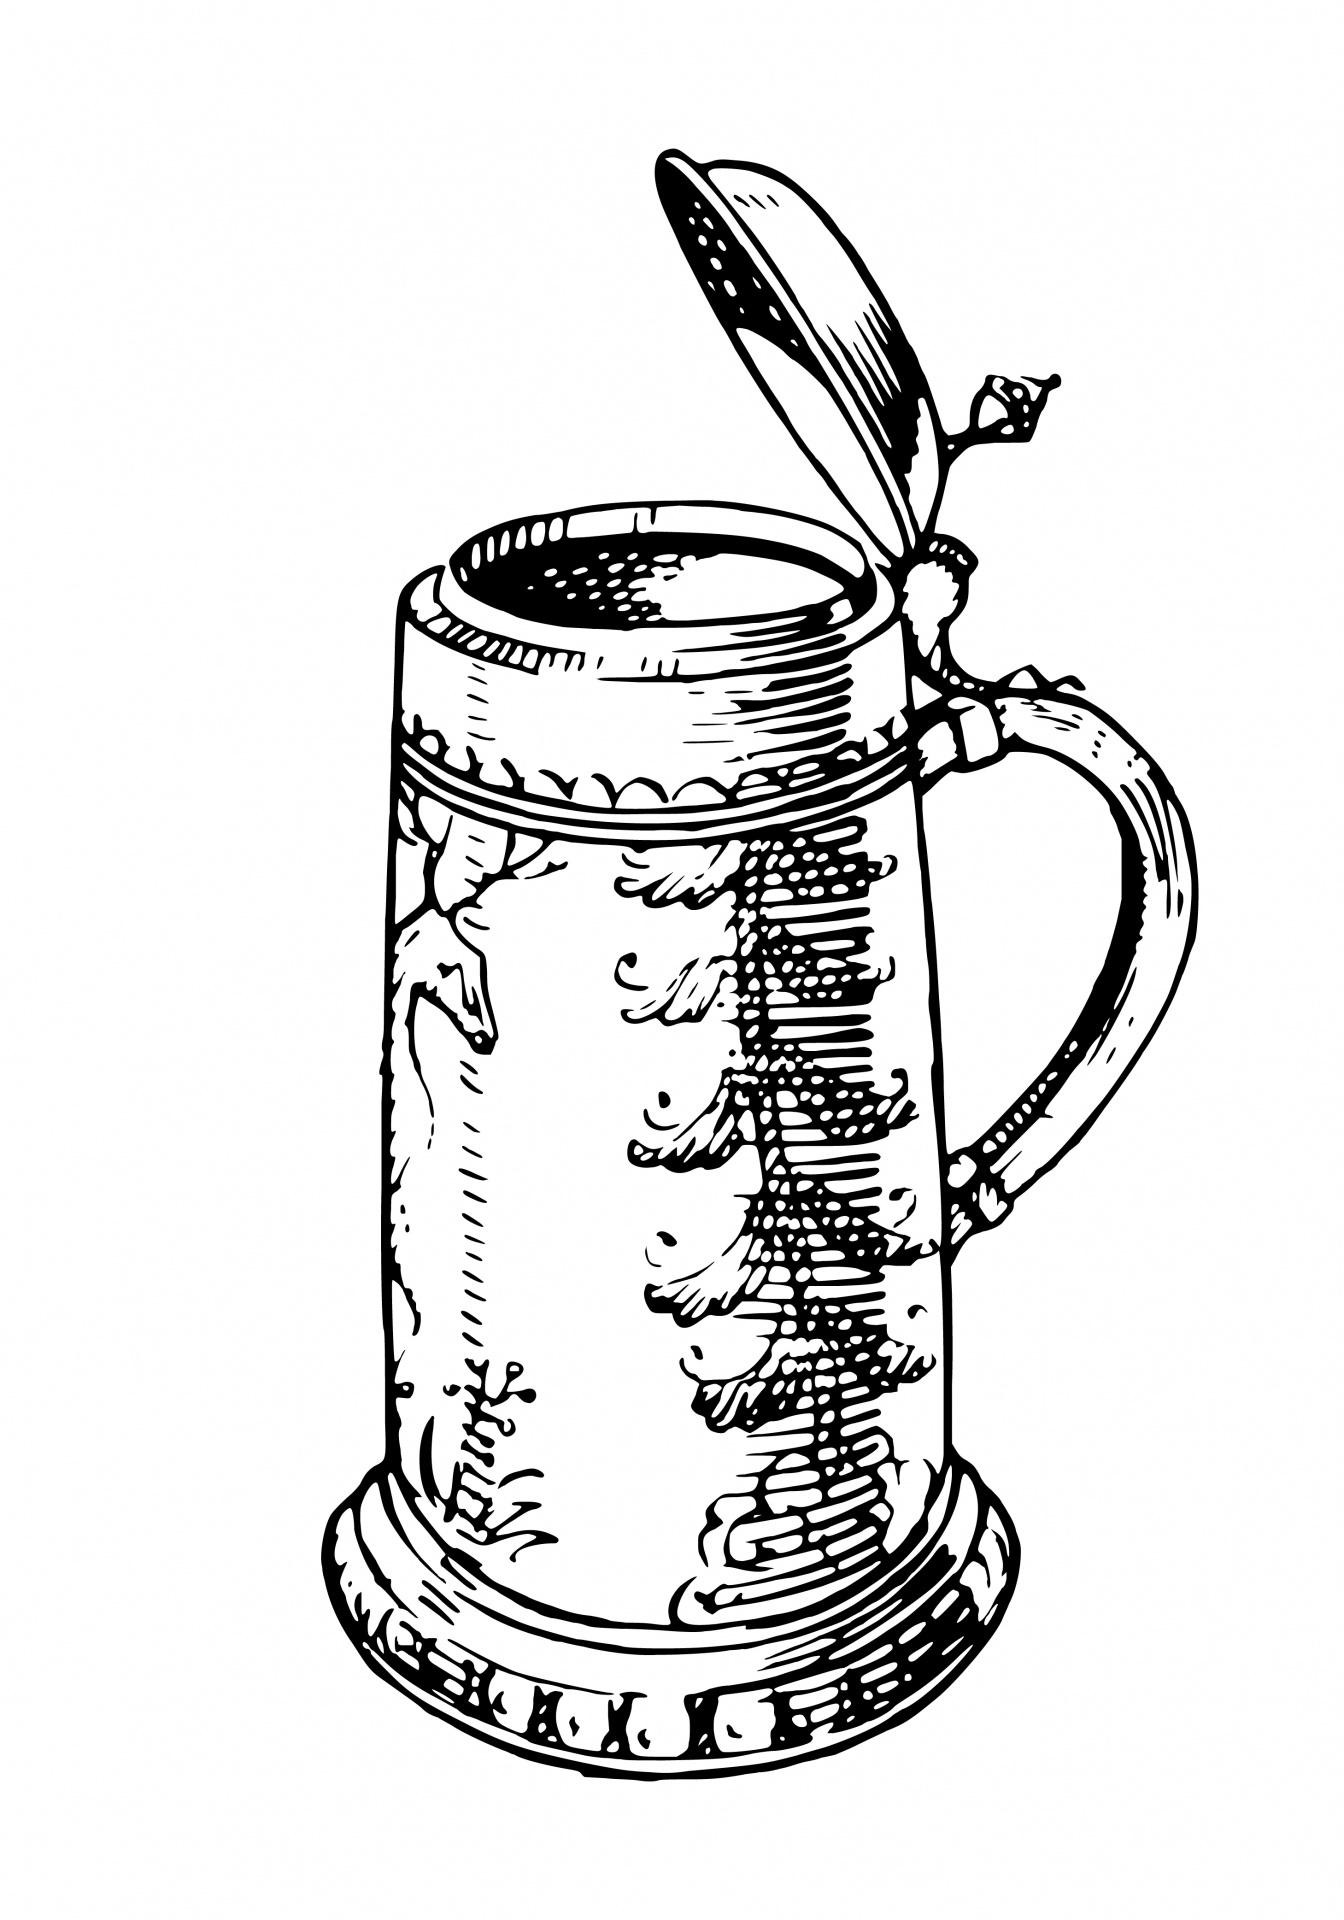 Tankard Stein Illustration Free Stock Photo